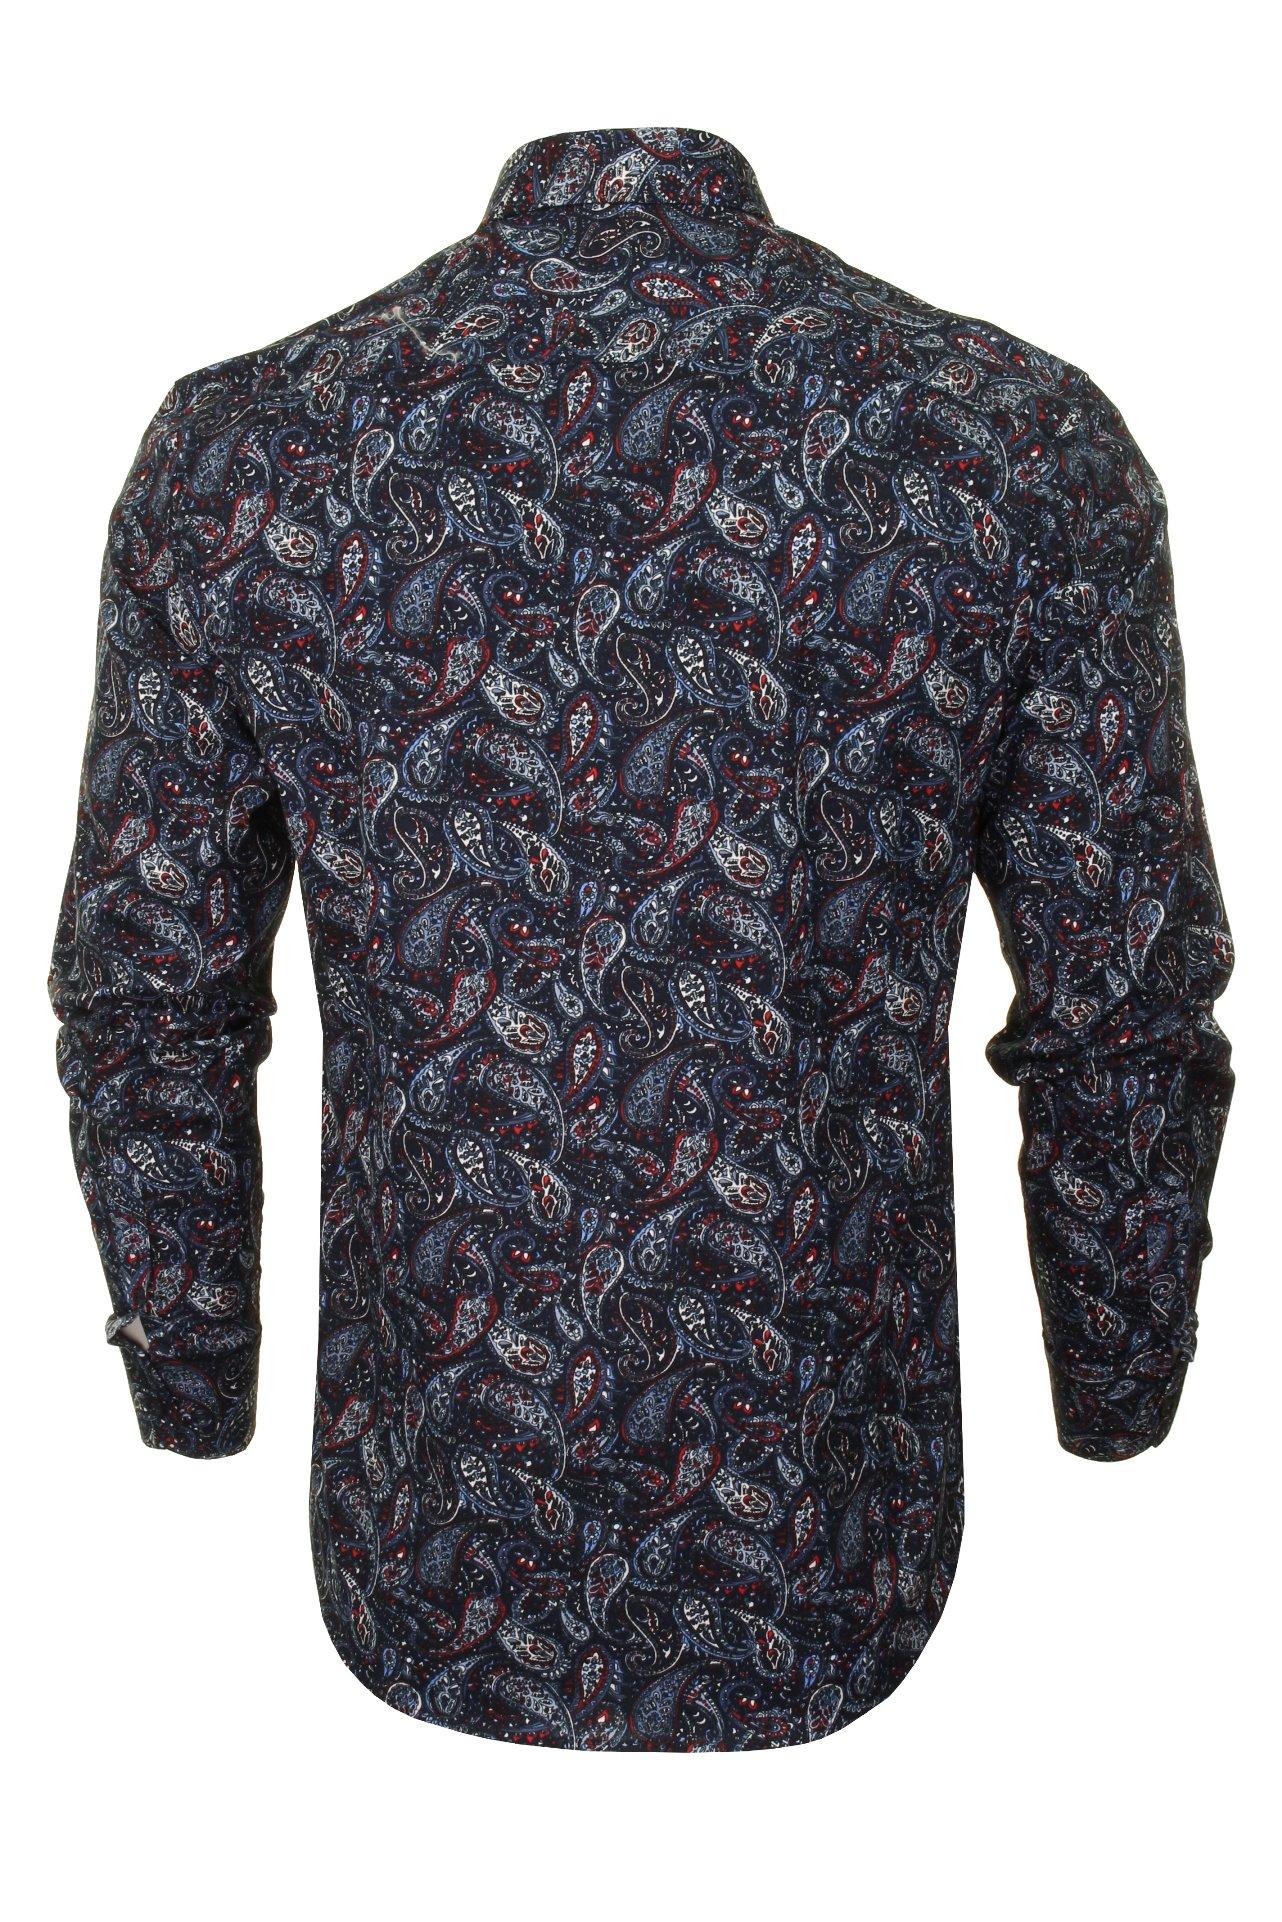 Xact-Mens-Long-Sleeved-Paisley-Shirt-Slim-Fit thumbnail 14